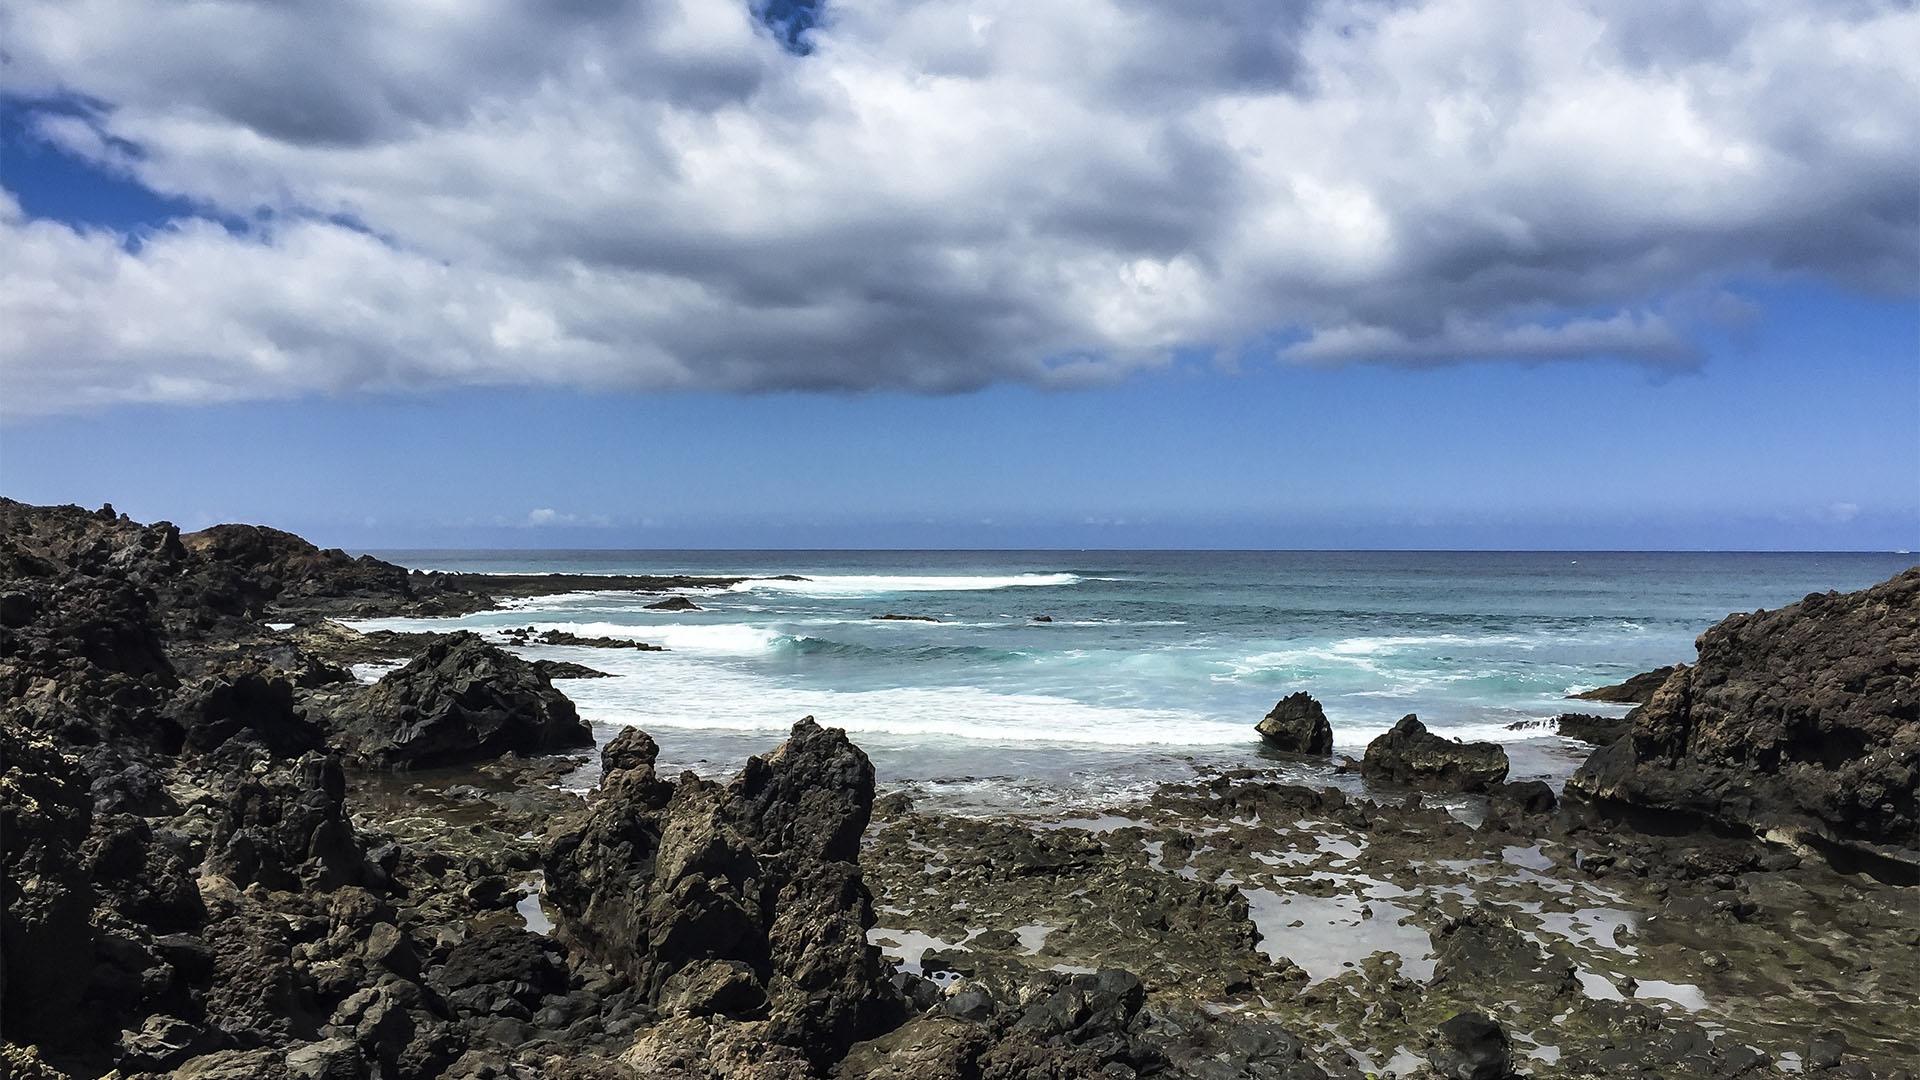 Die Strände Fuerteventuras: Caleta de la Madera